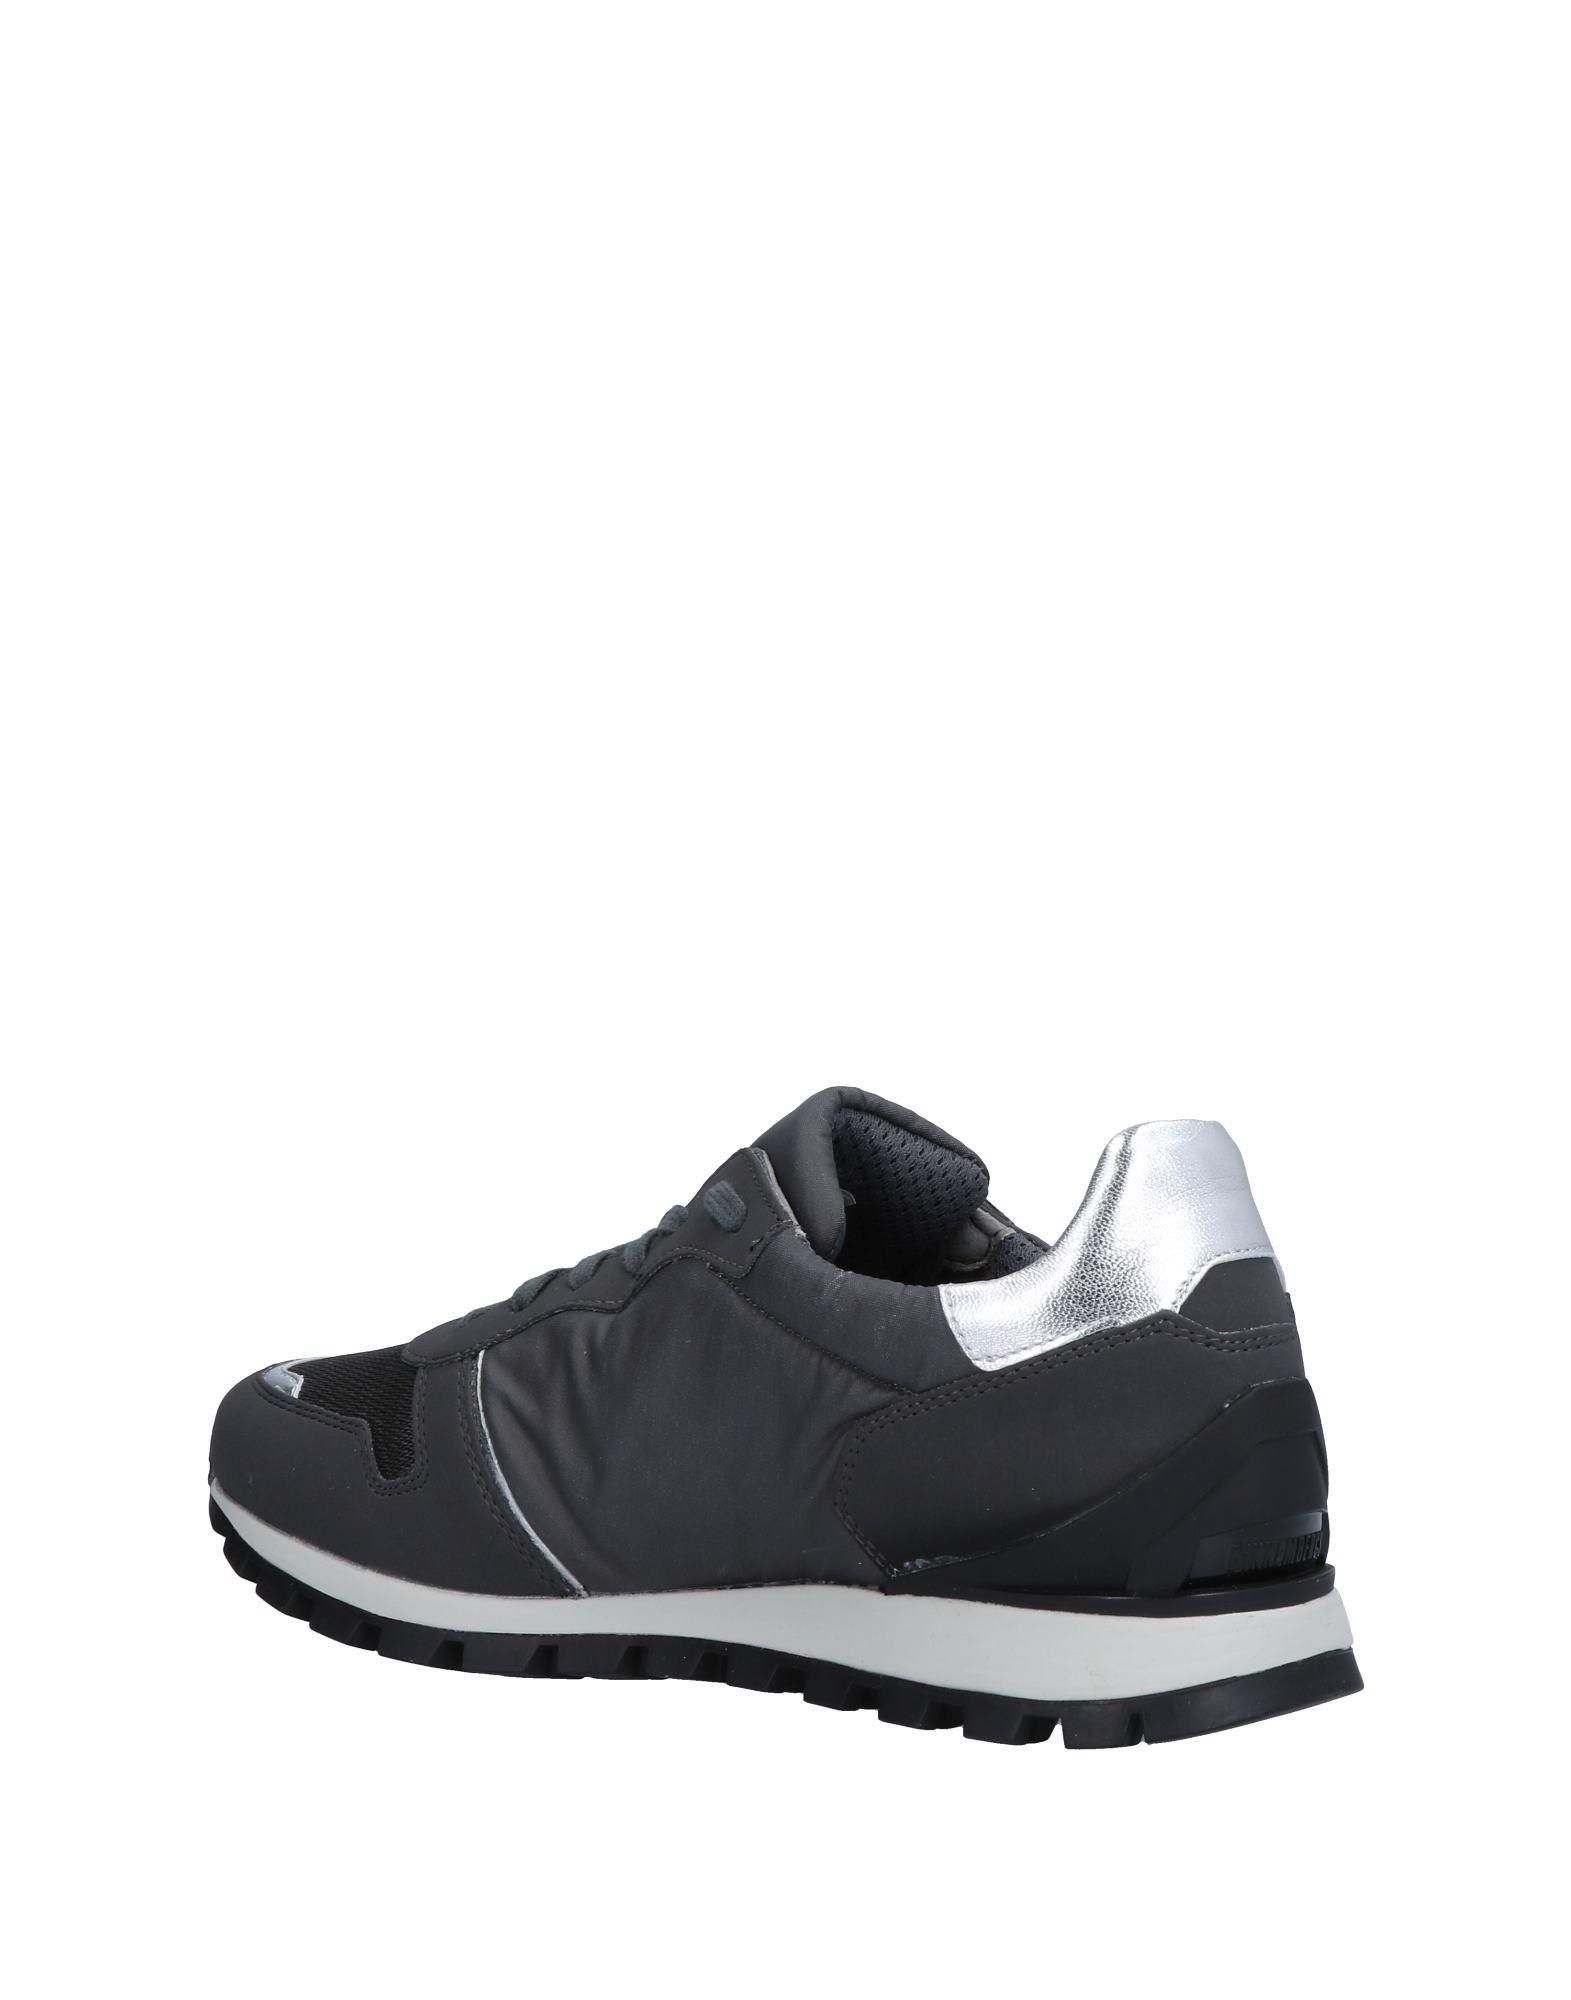 Bikkembergs Sneakers Herren  11520710GF Gute Qualität beliebte Schuhe